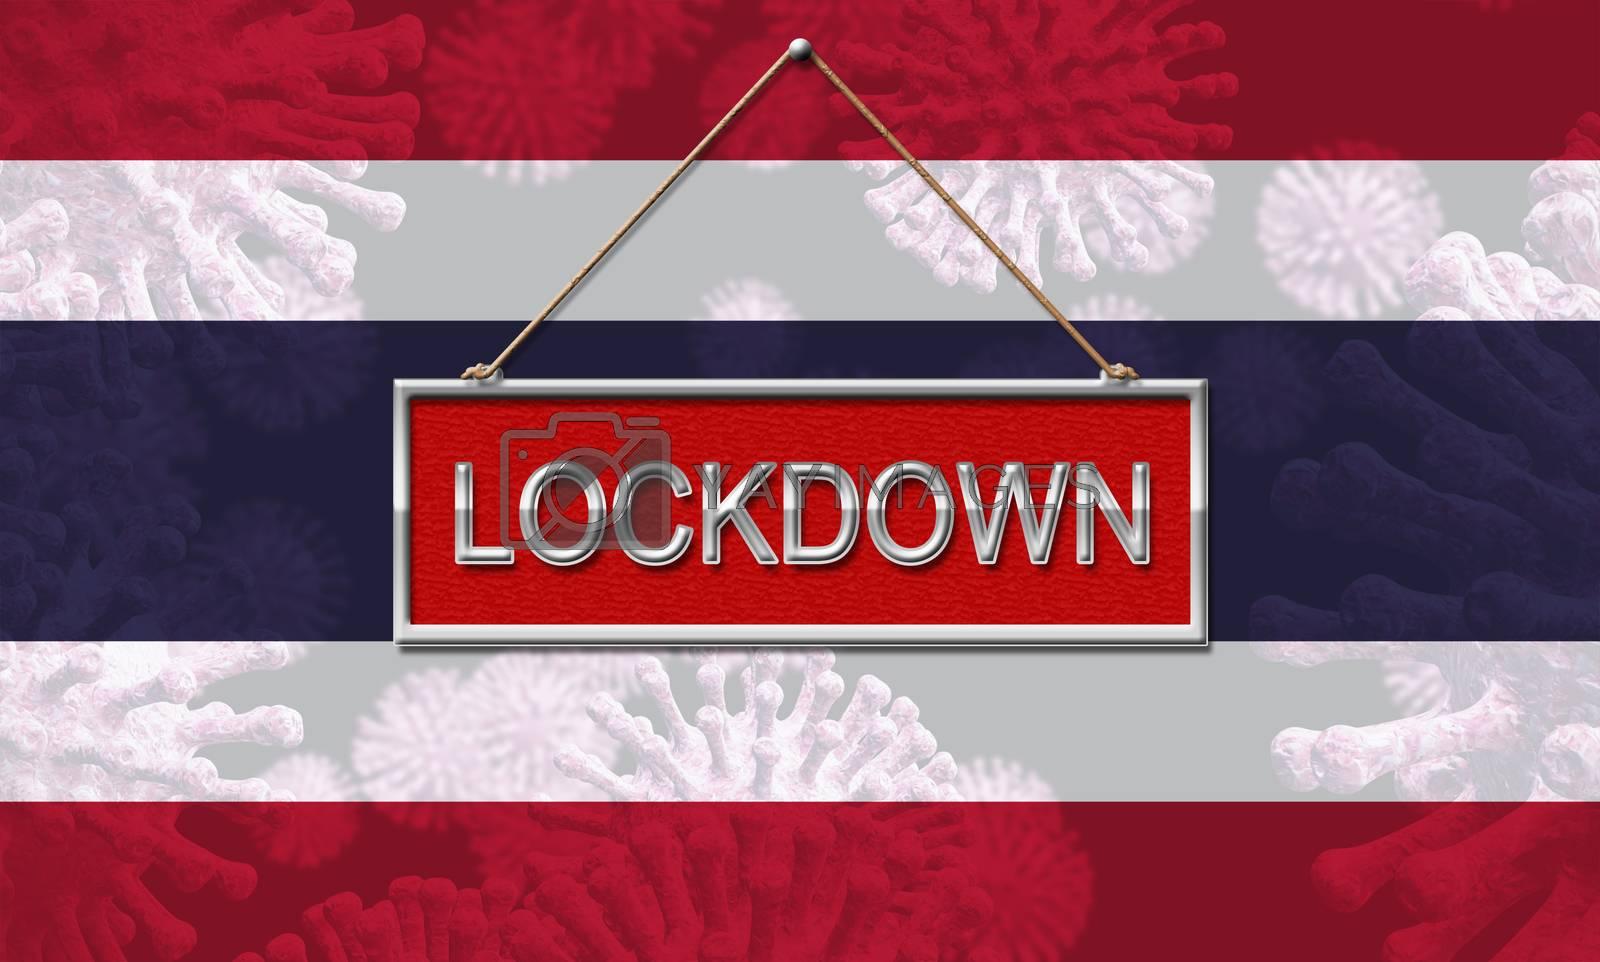 Thailand lockdown or shut down for ncov epidemic - 3d Illustrati by stuartmiles